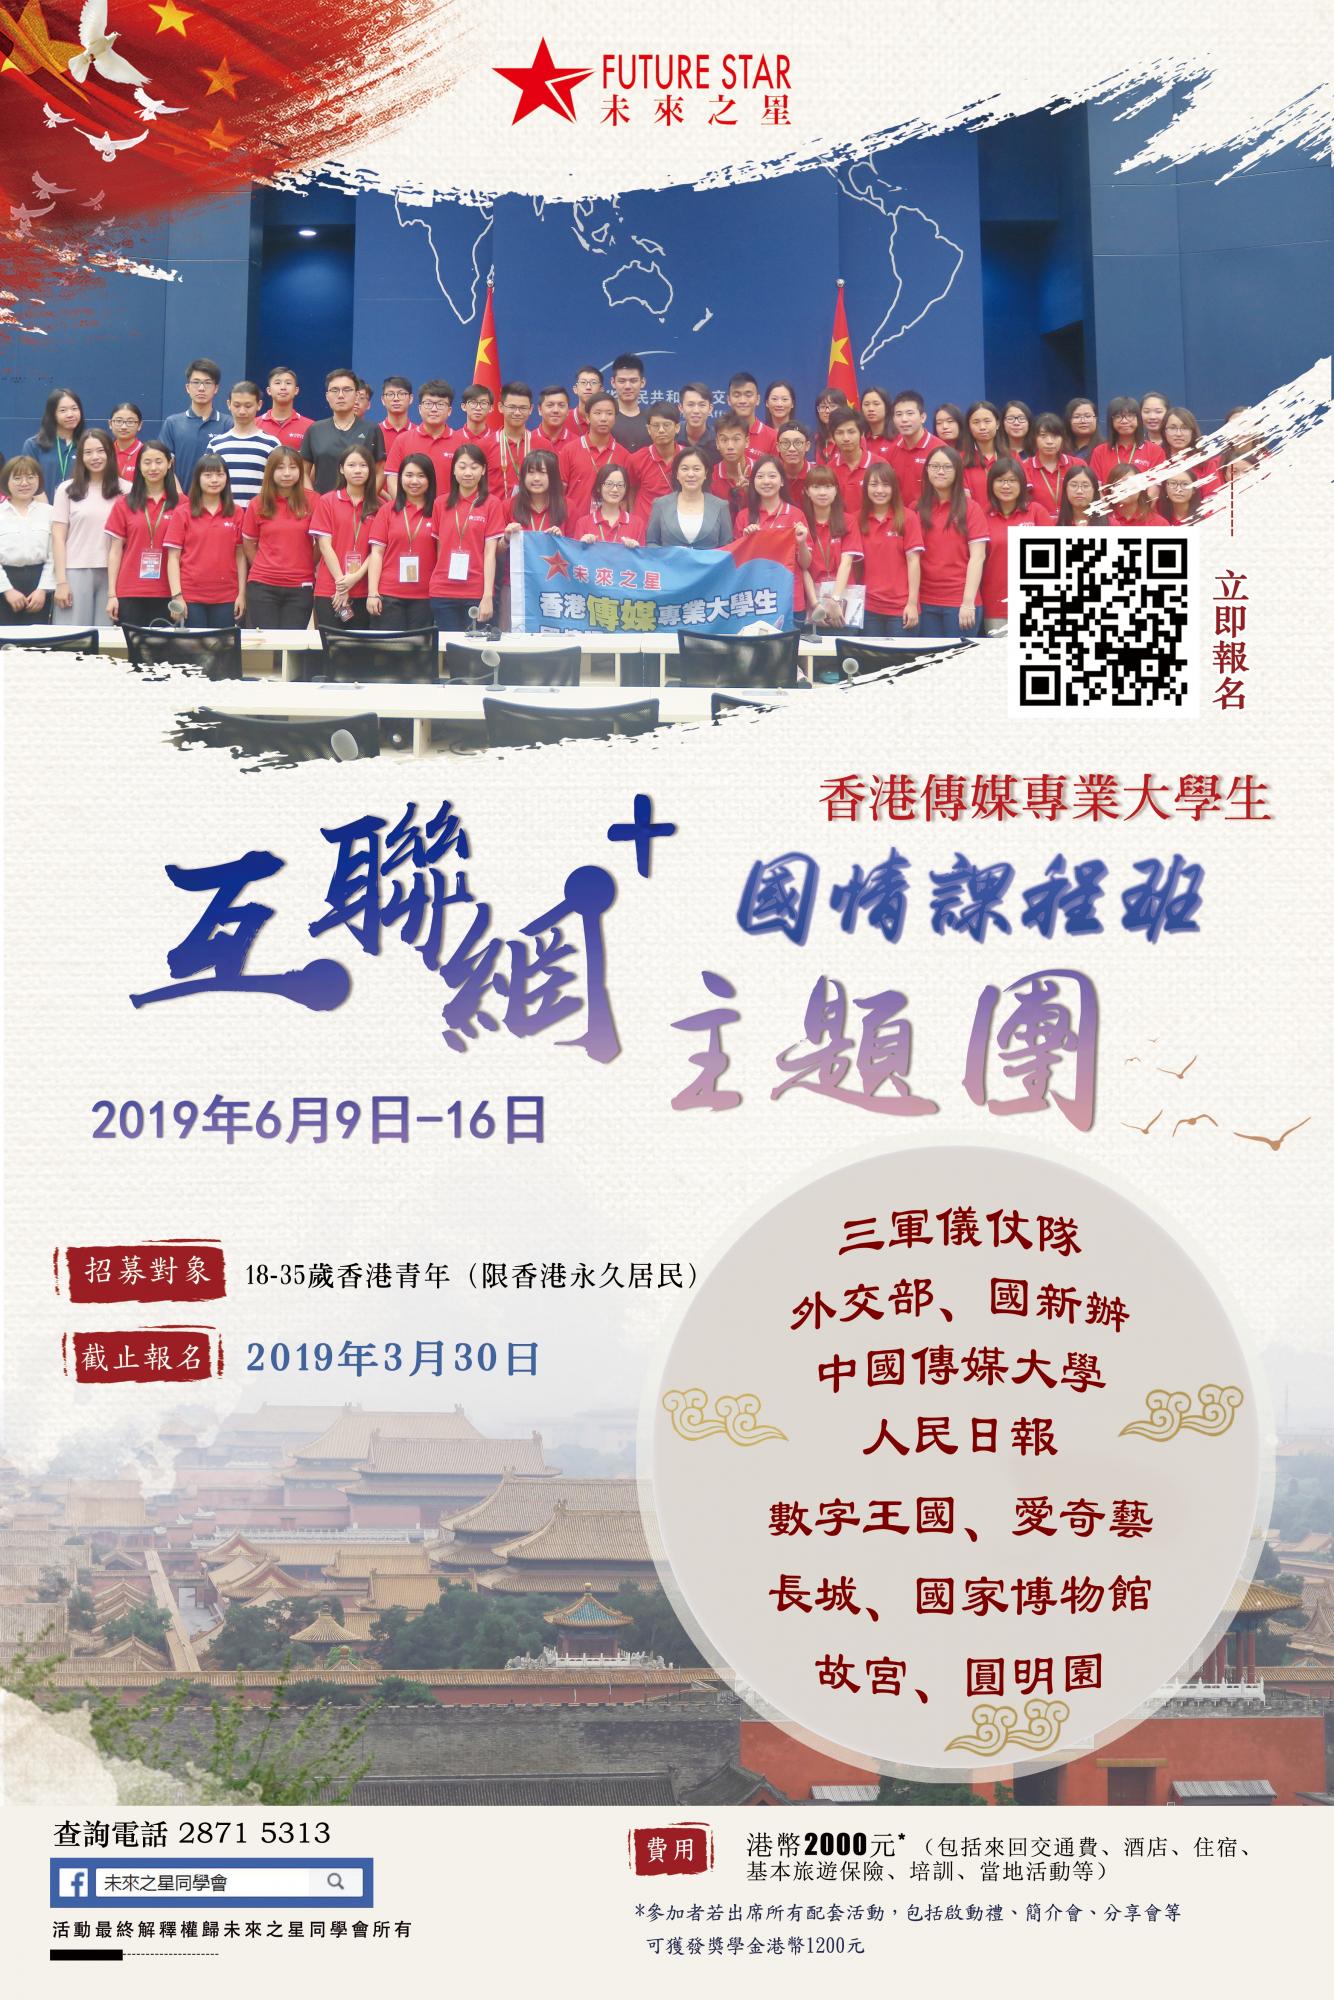 2019「香港傳媒專業大學生國情課程班—互聯網+主題團」